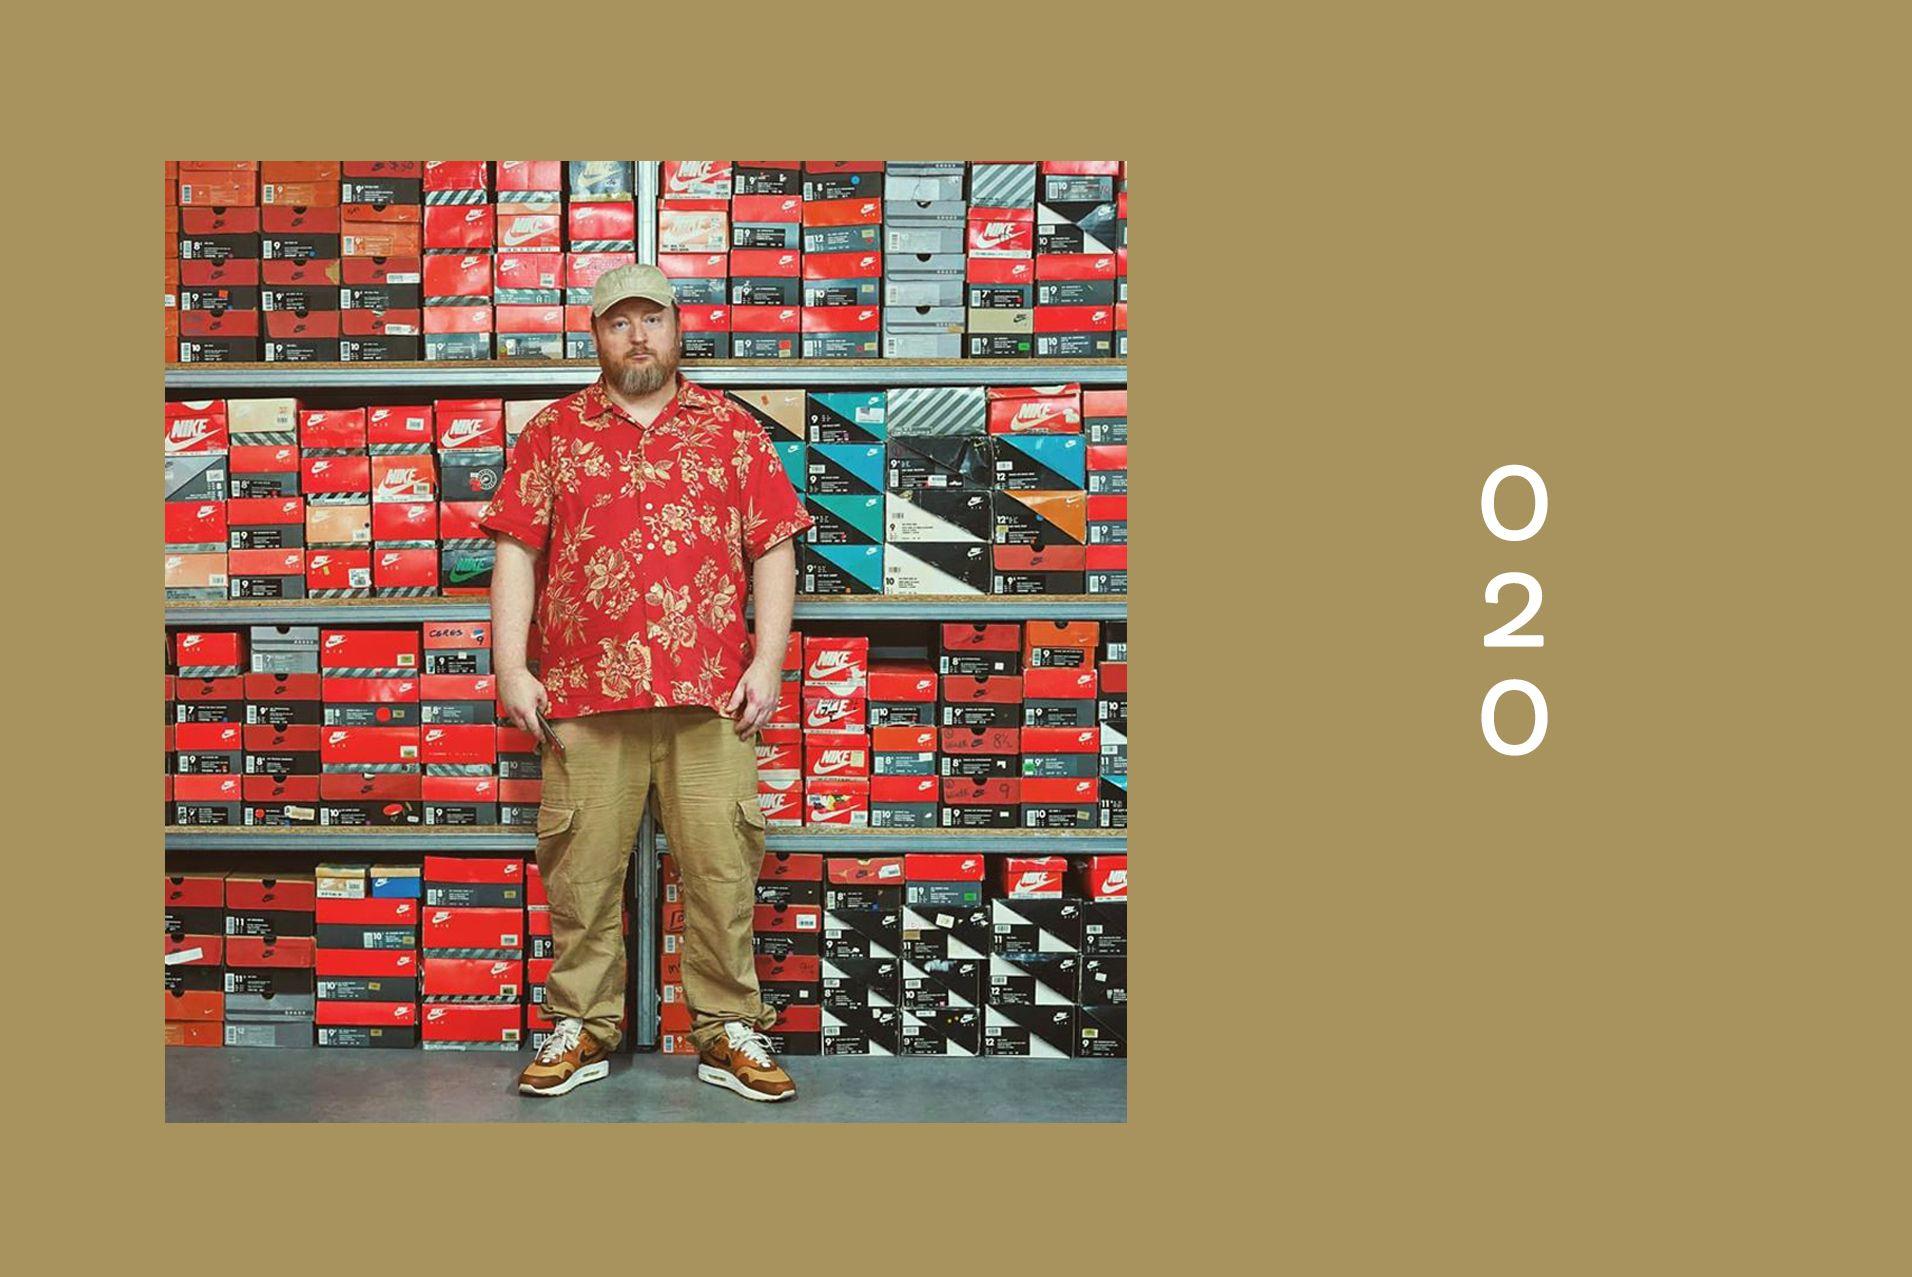 sneaker freaker spotify